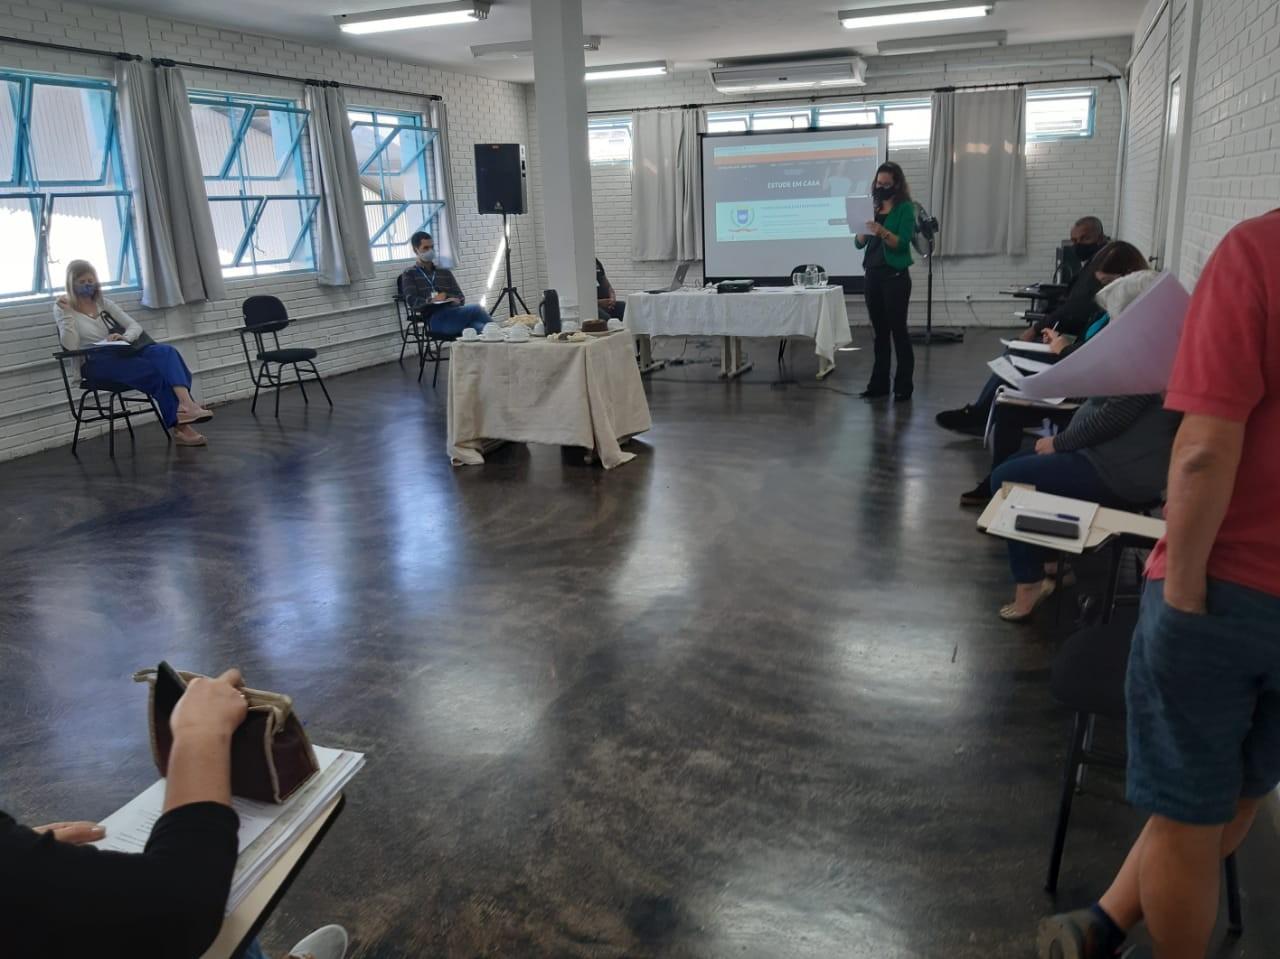 Conselho Municipal de Educação define data de retorno às aulas em Ipatinga